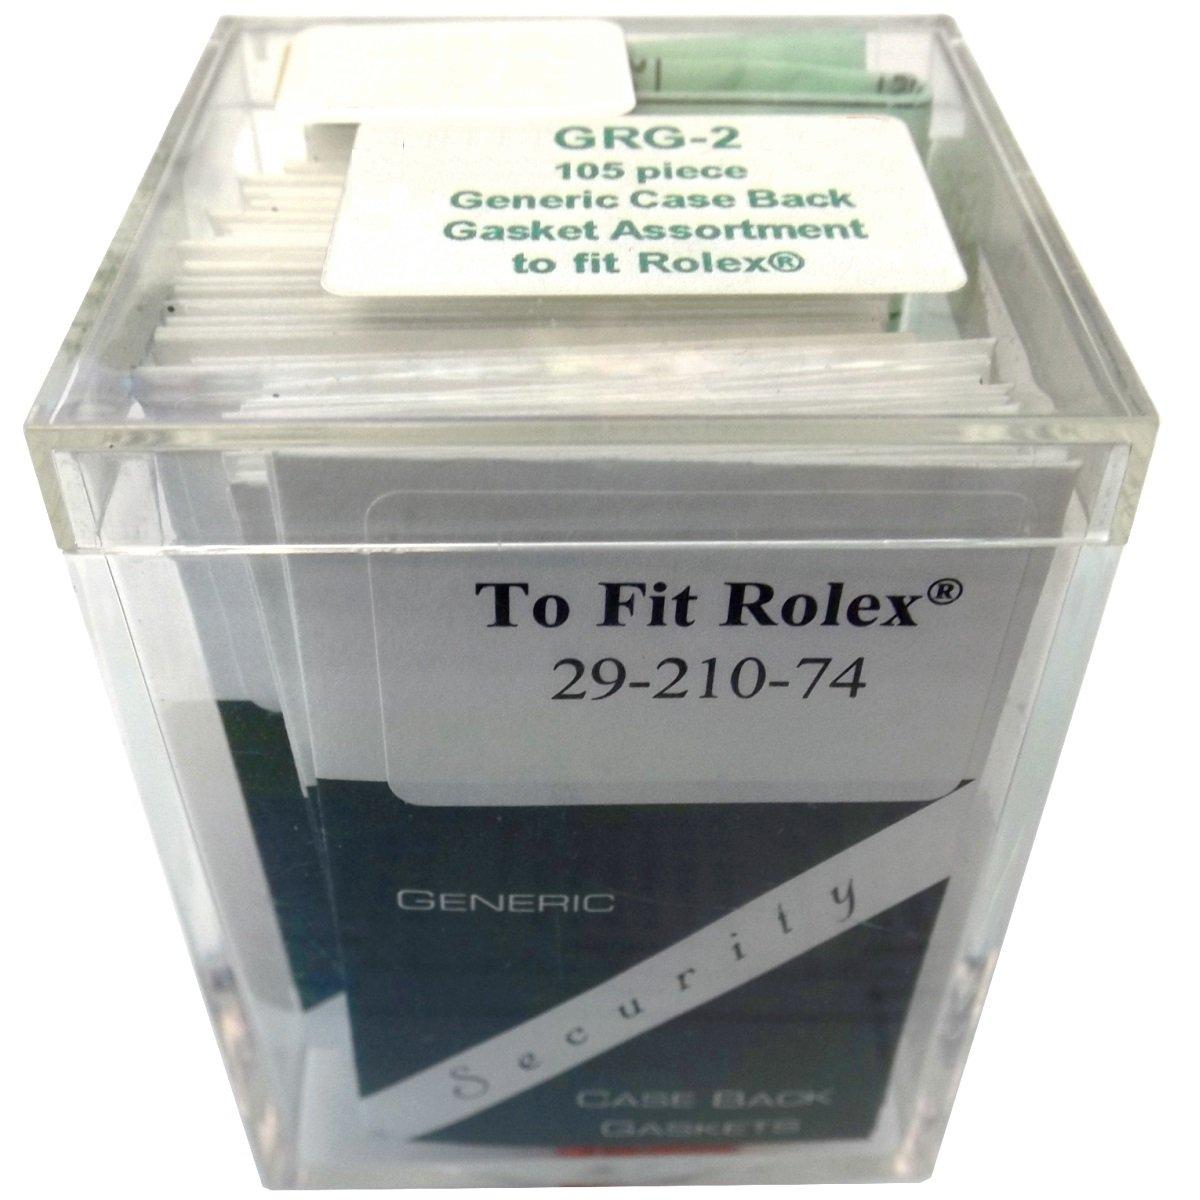 Juntas para relojes ROLEX y réplicas: Amazon.es: Bricolaje y herramientas